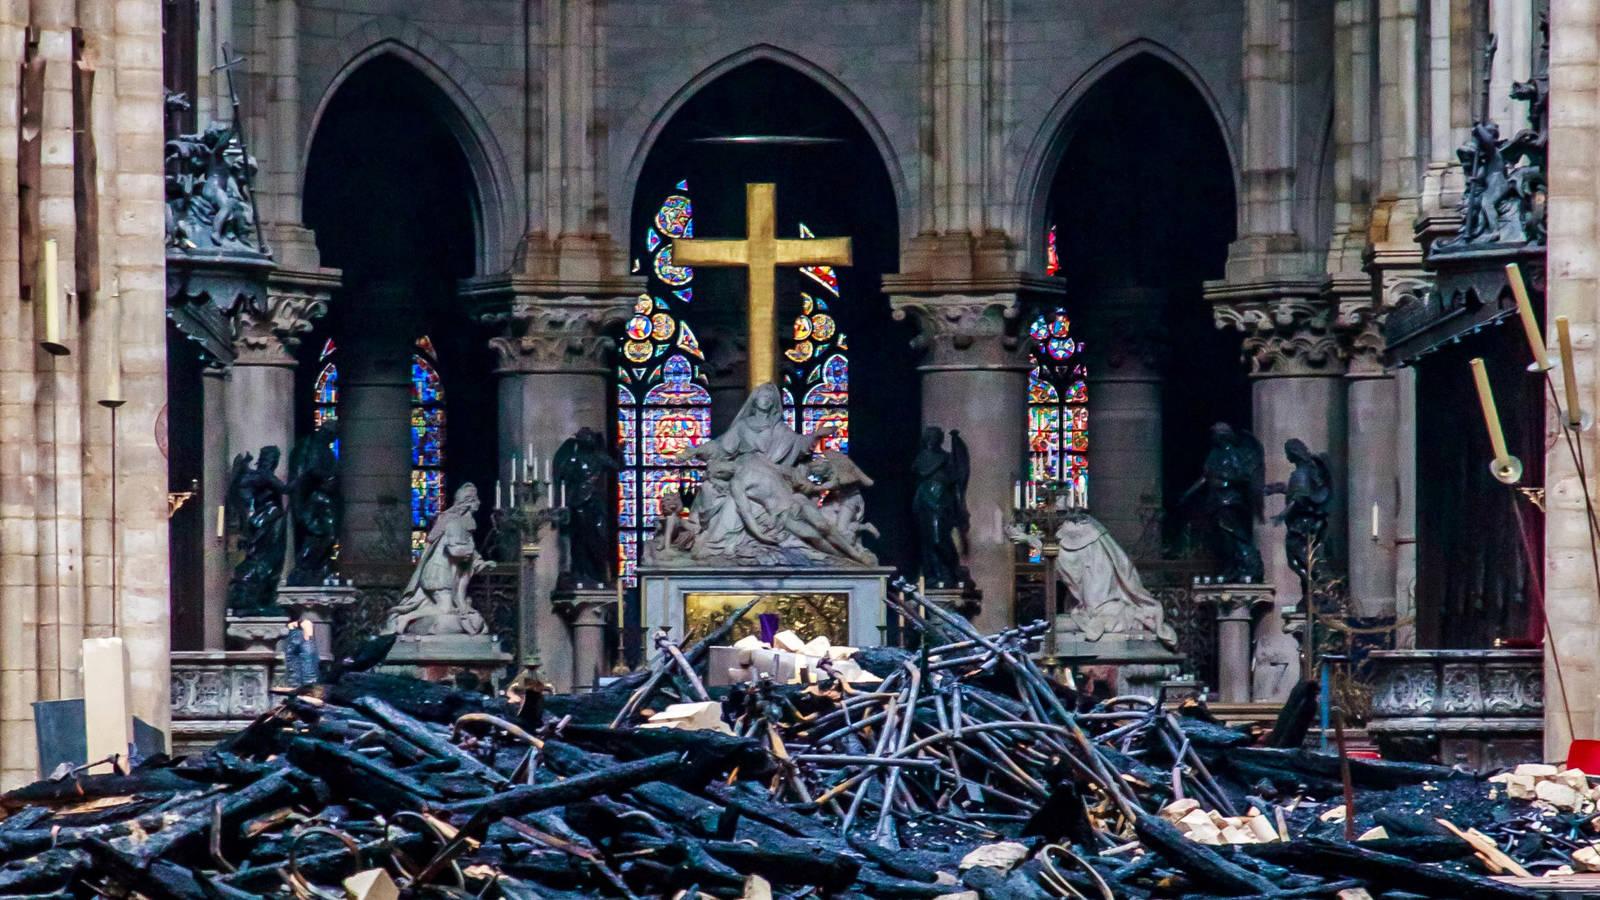 Se critican las donaciones para restaurar Notre Dame comparándola con otras tragedias